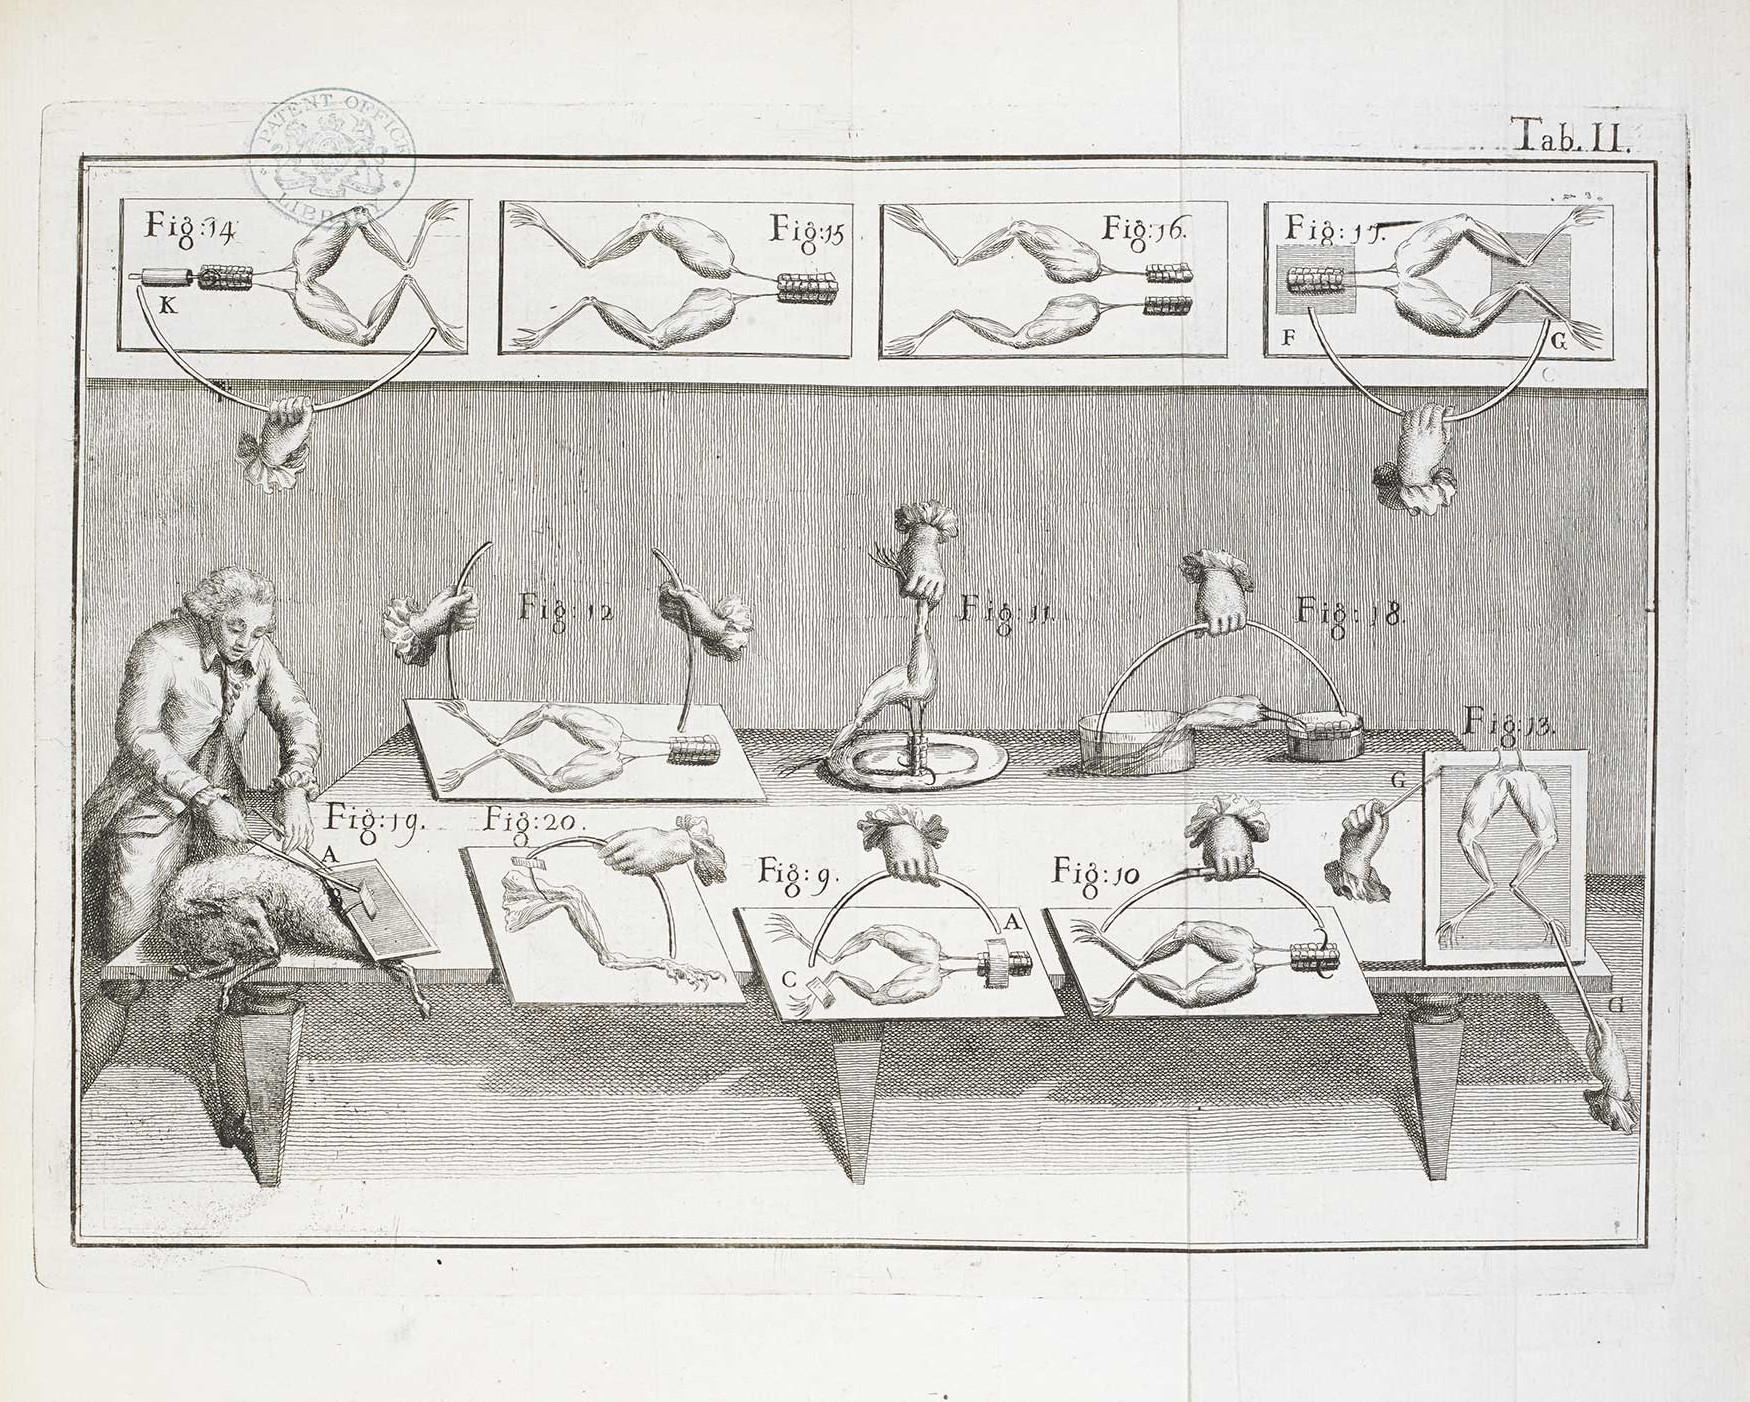 Ilustración sobre los experimentos de Galvani con ranas.